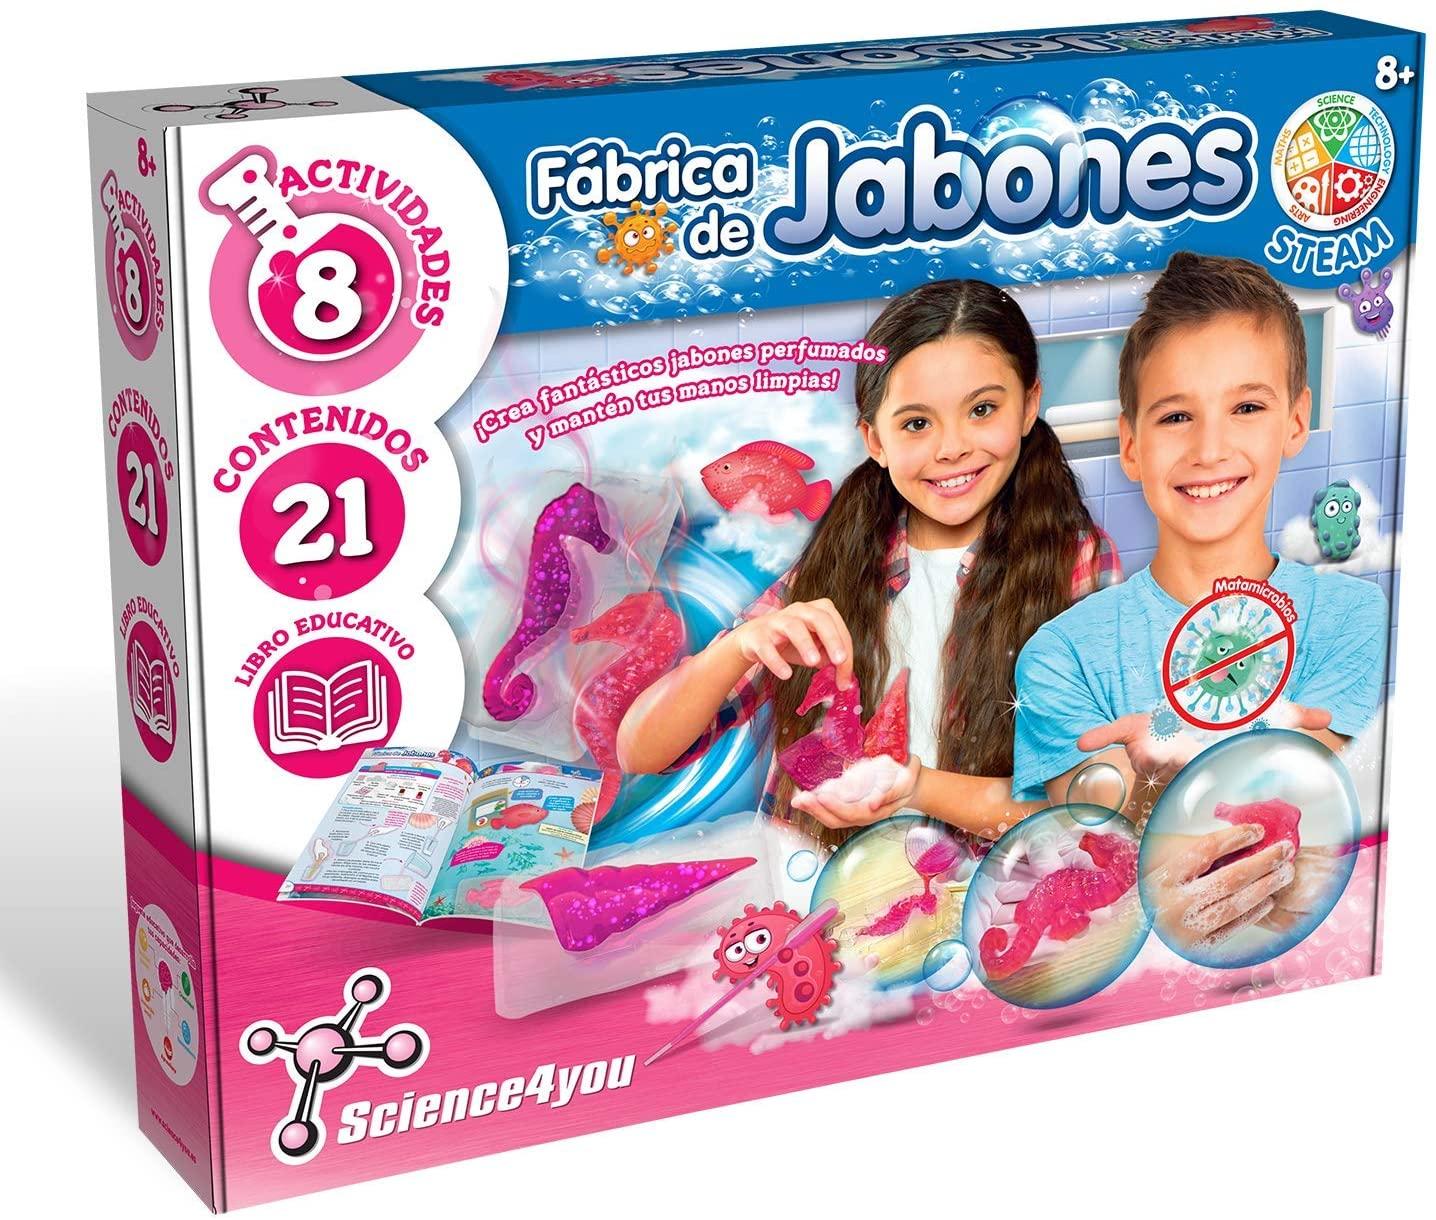 Science4you Fábrica de Jabones